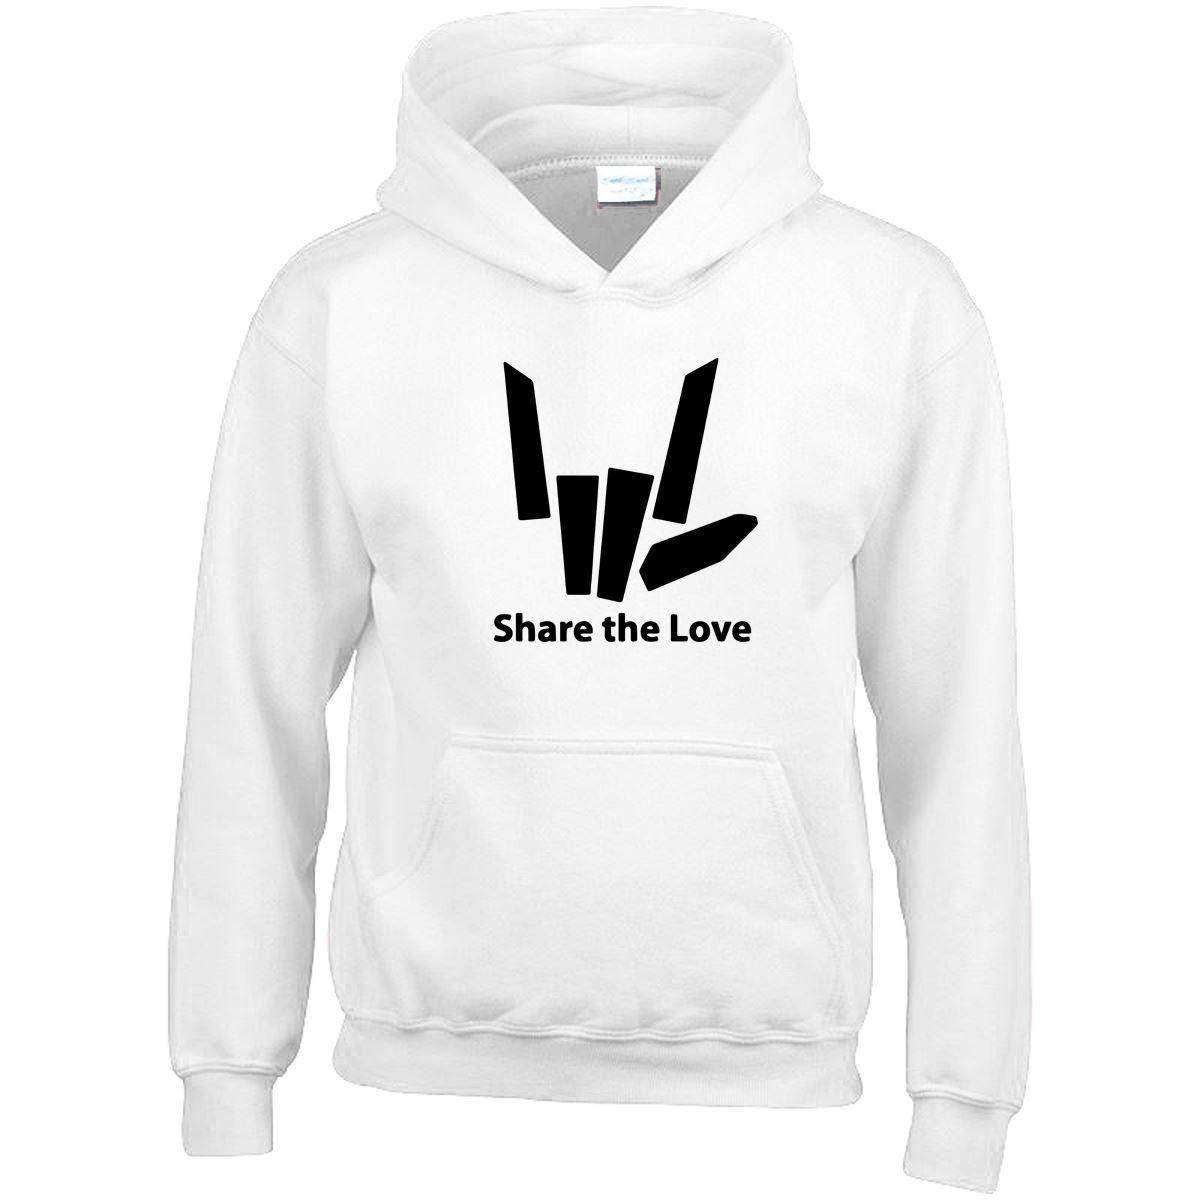 Share The Love Car Kids Hoody Inspired Stephen Sharer Youtuber Xmas Boys Hood